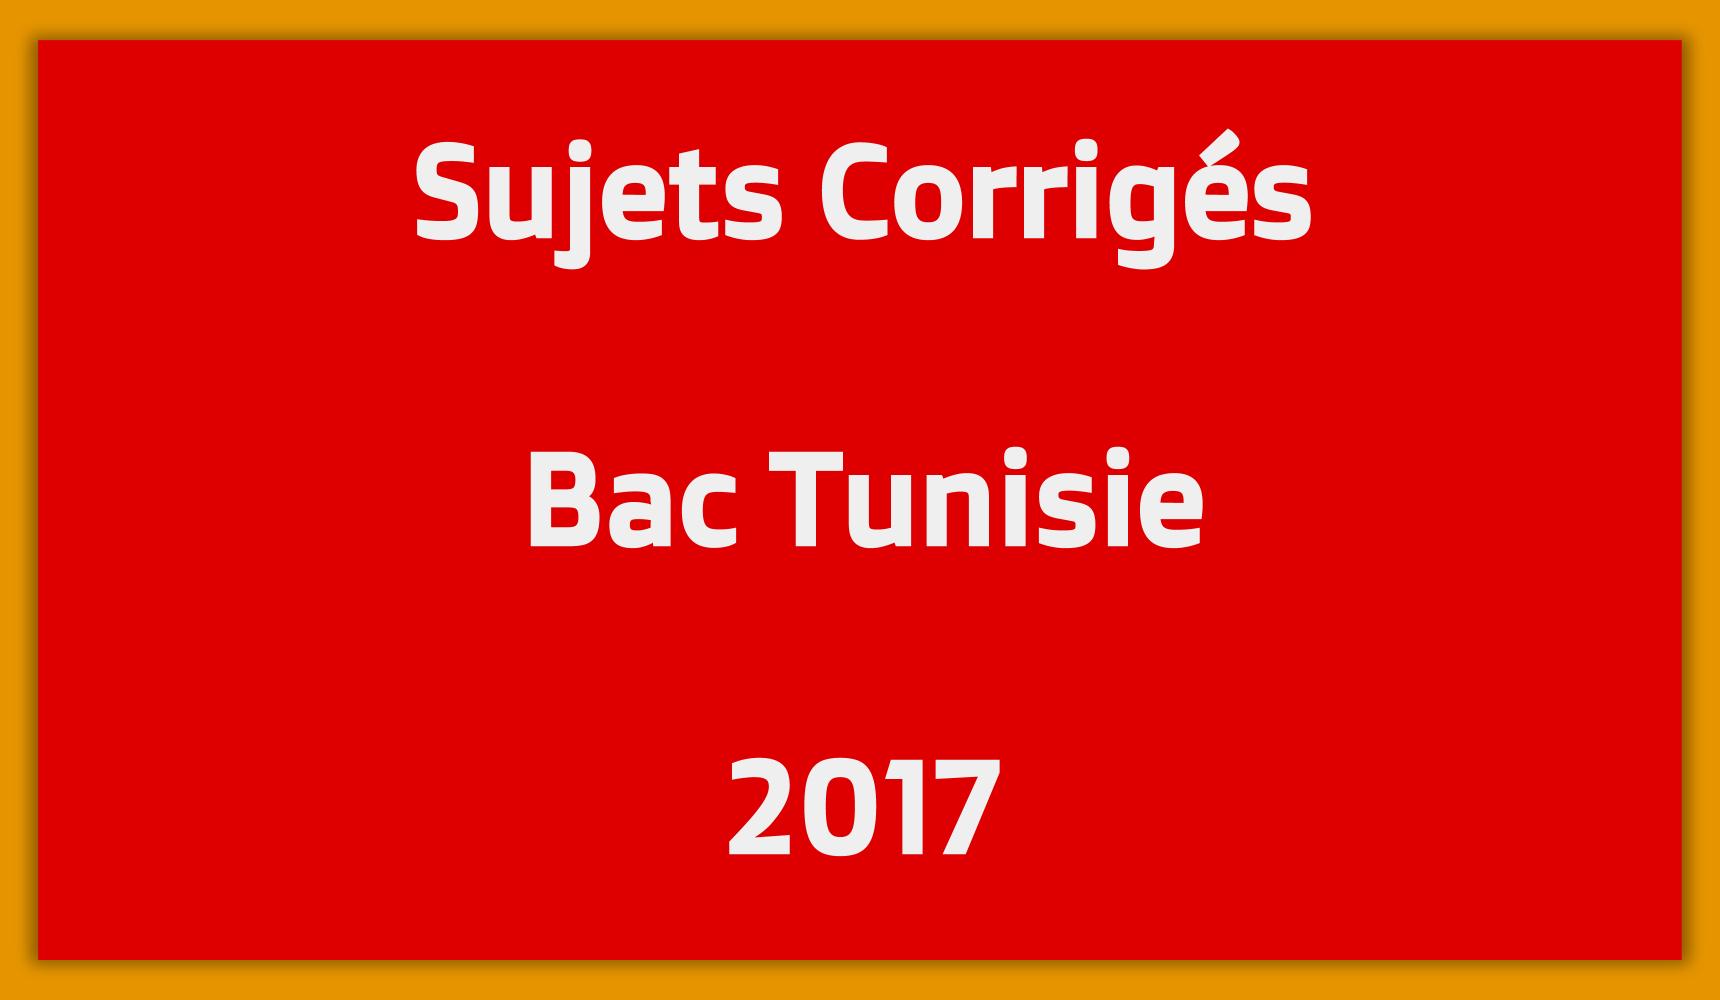 Sujets Corrigés Bac Tunisie 2017